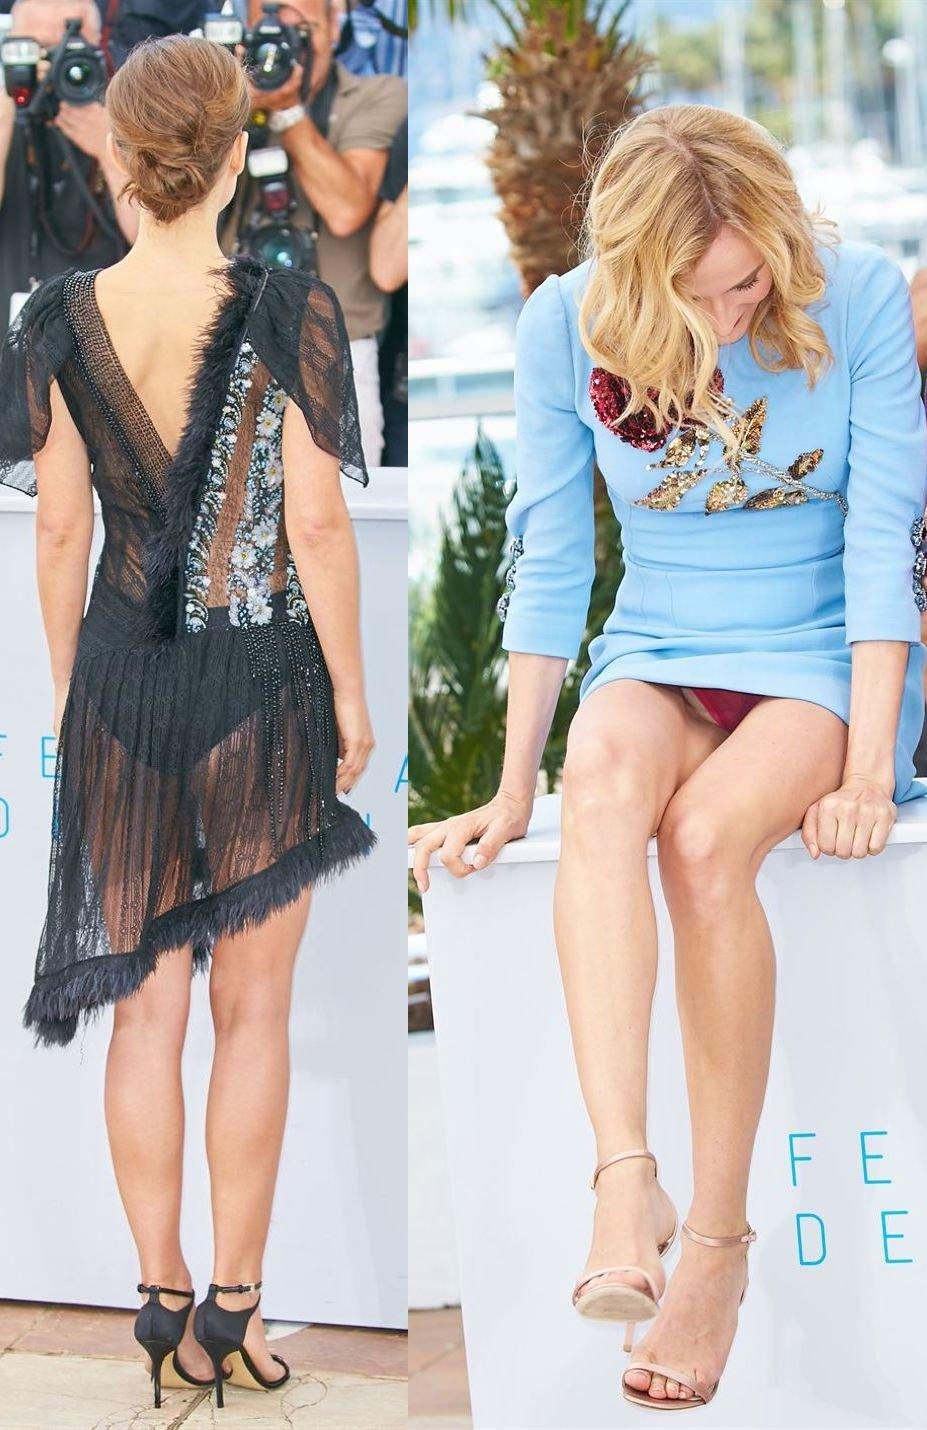 El vestido de Natalie Portman y el descuido de Diane